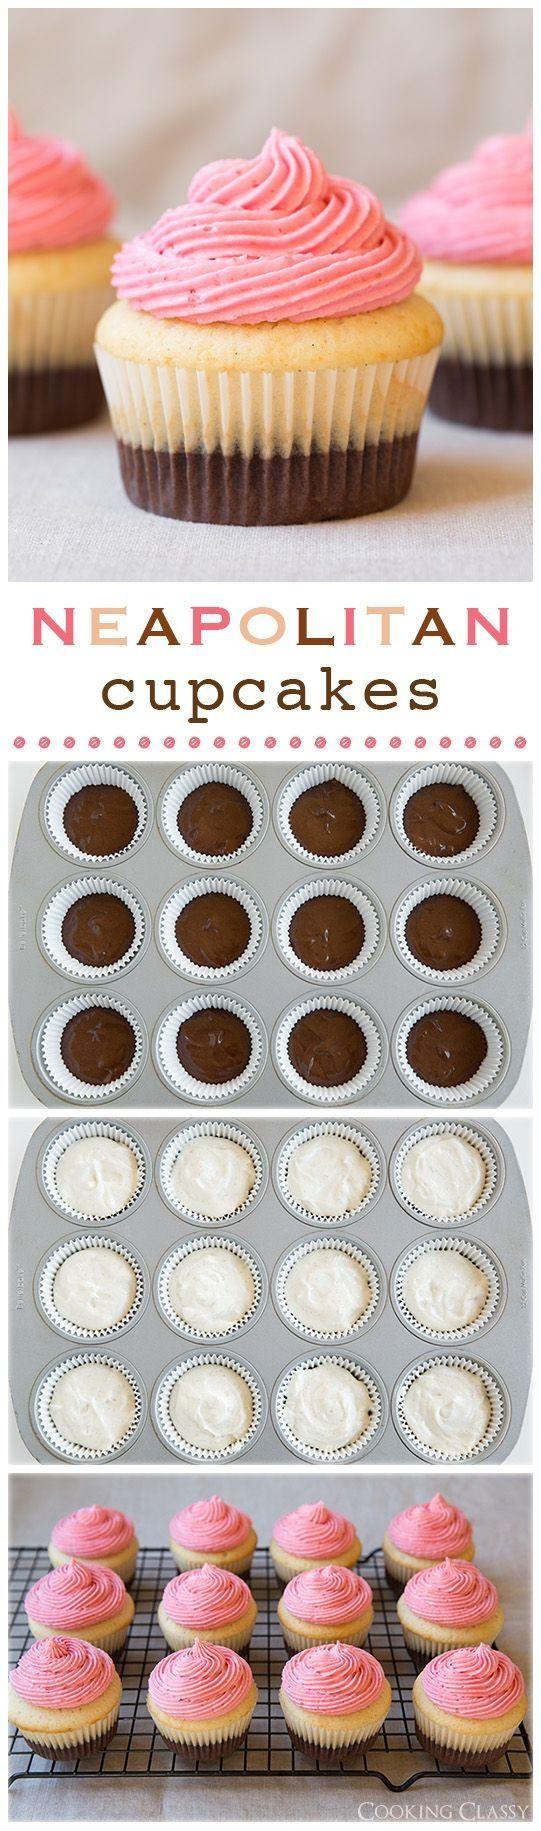 Neapolitan Cupcakes    #cupcakes #Neapolitan